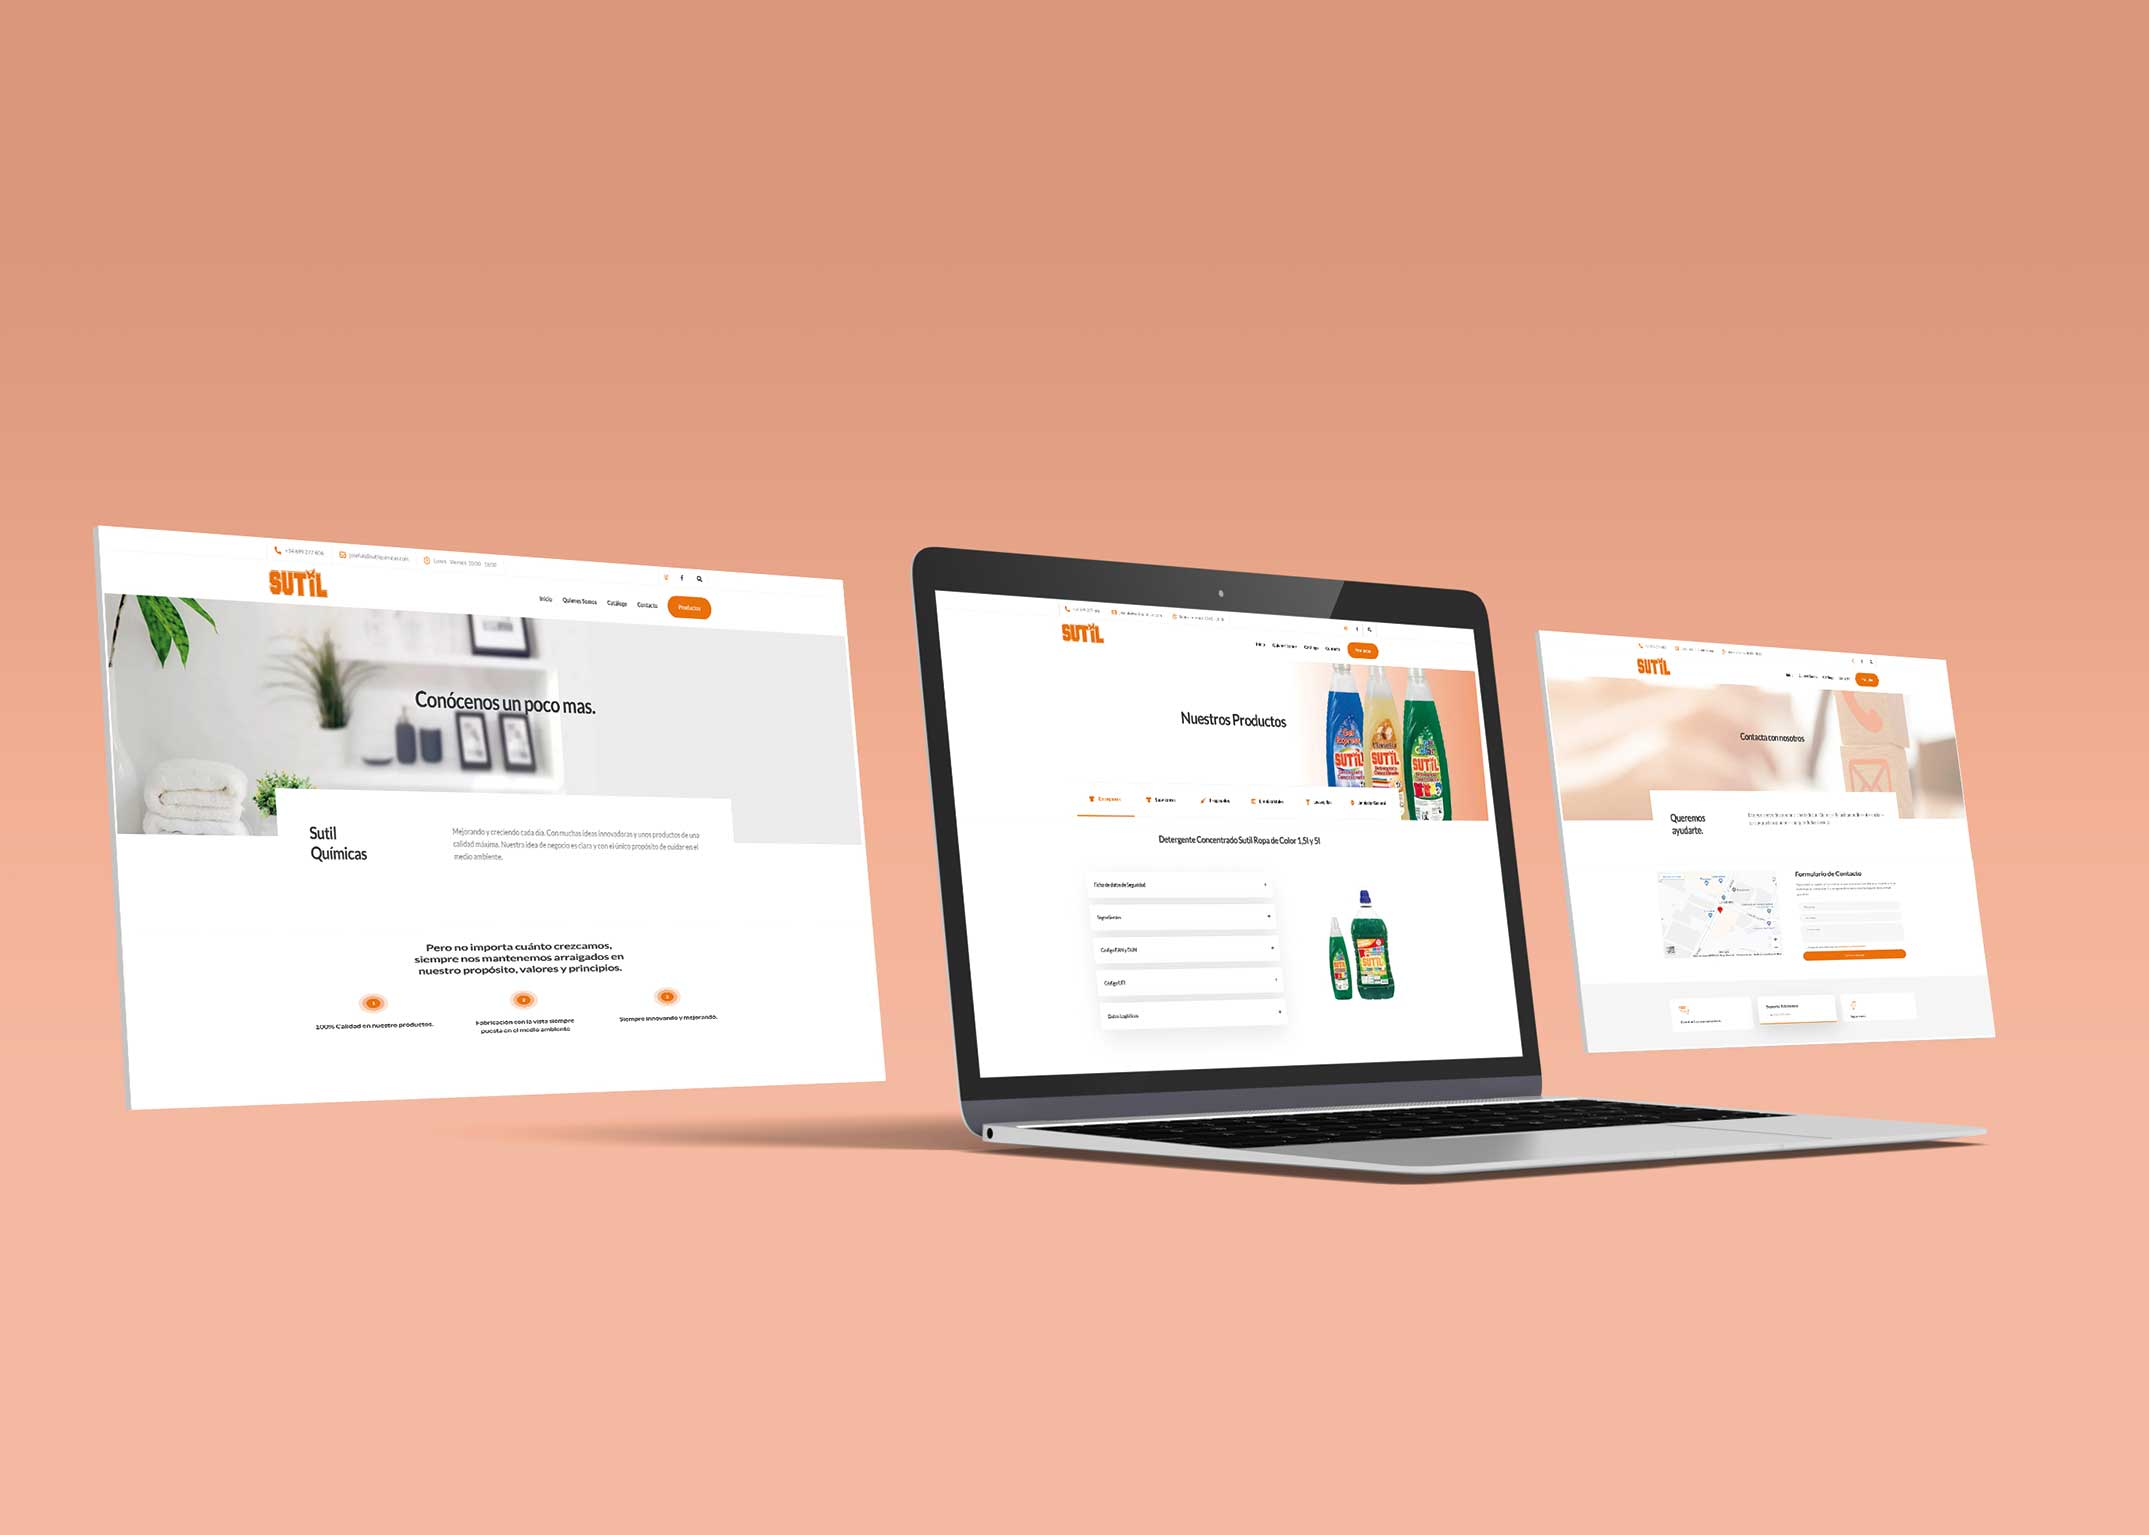 diseño web sutil químicas